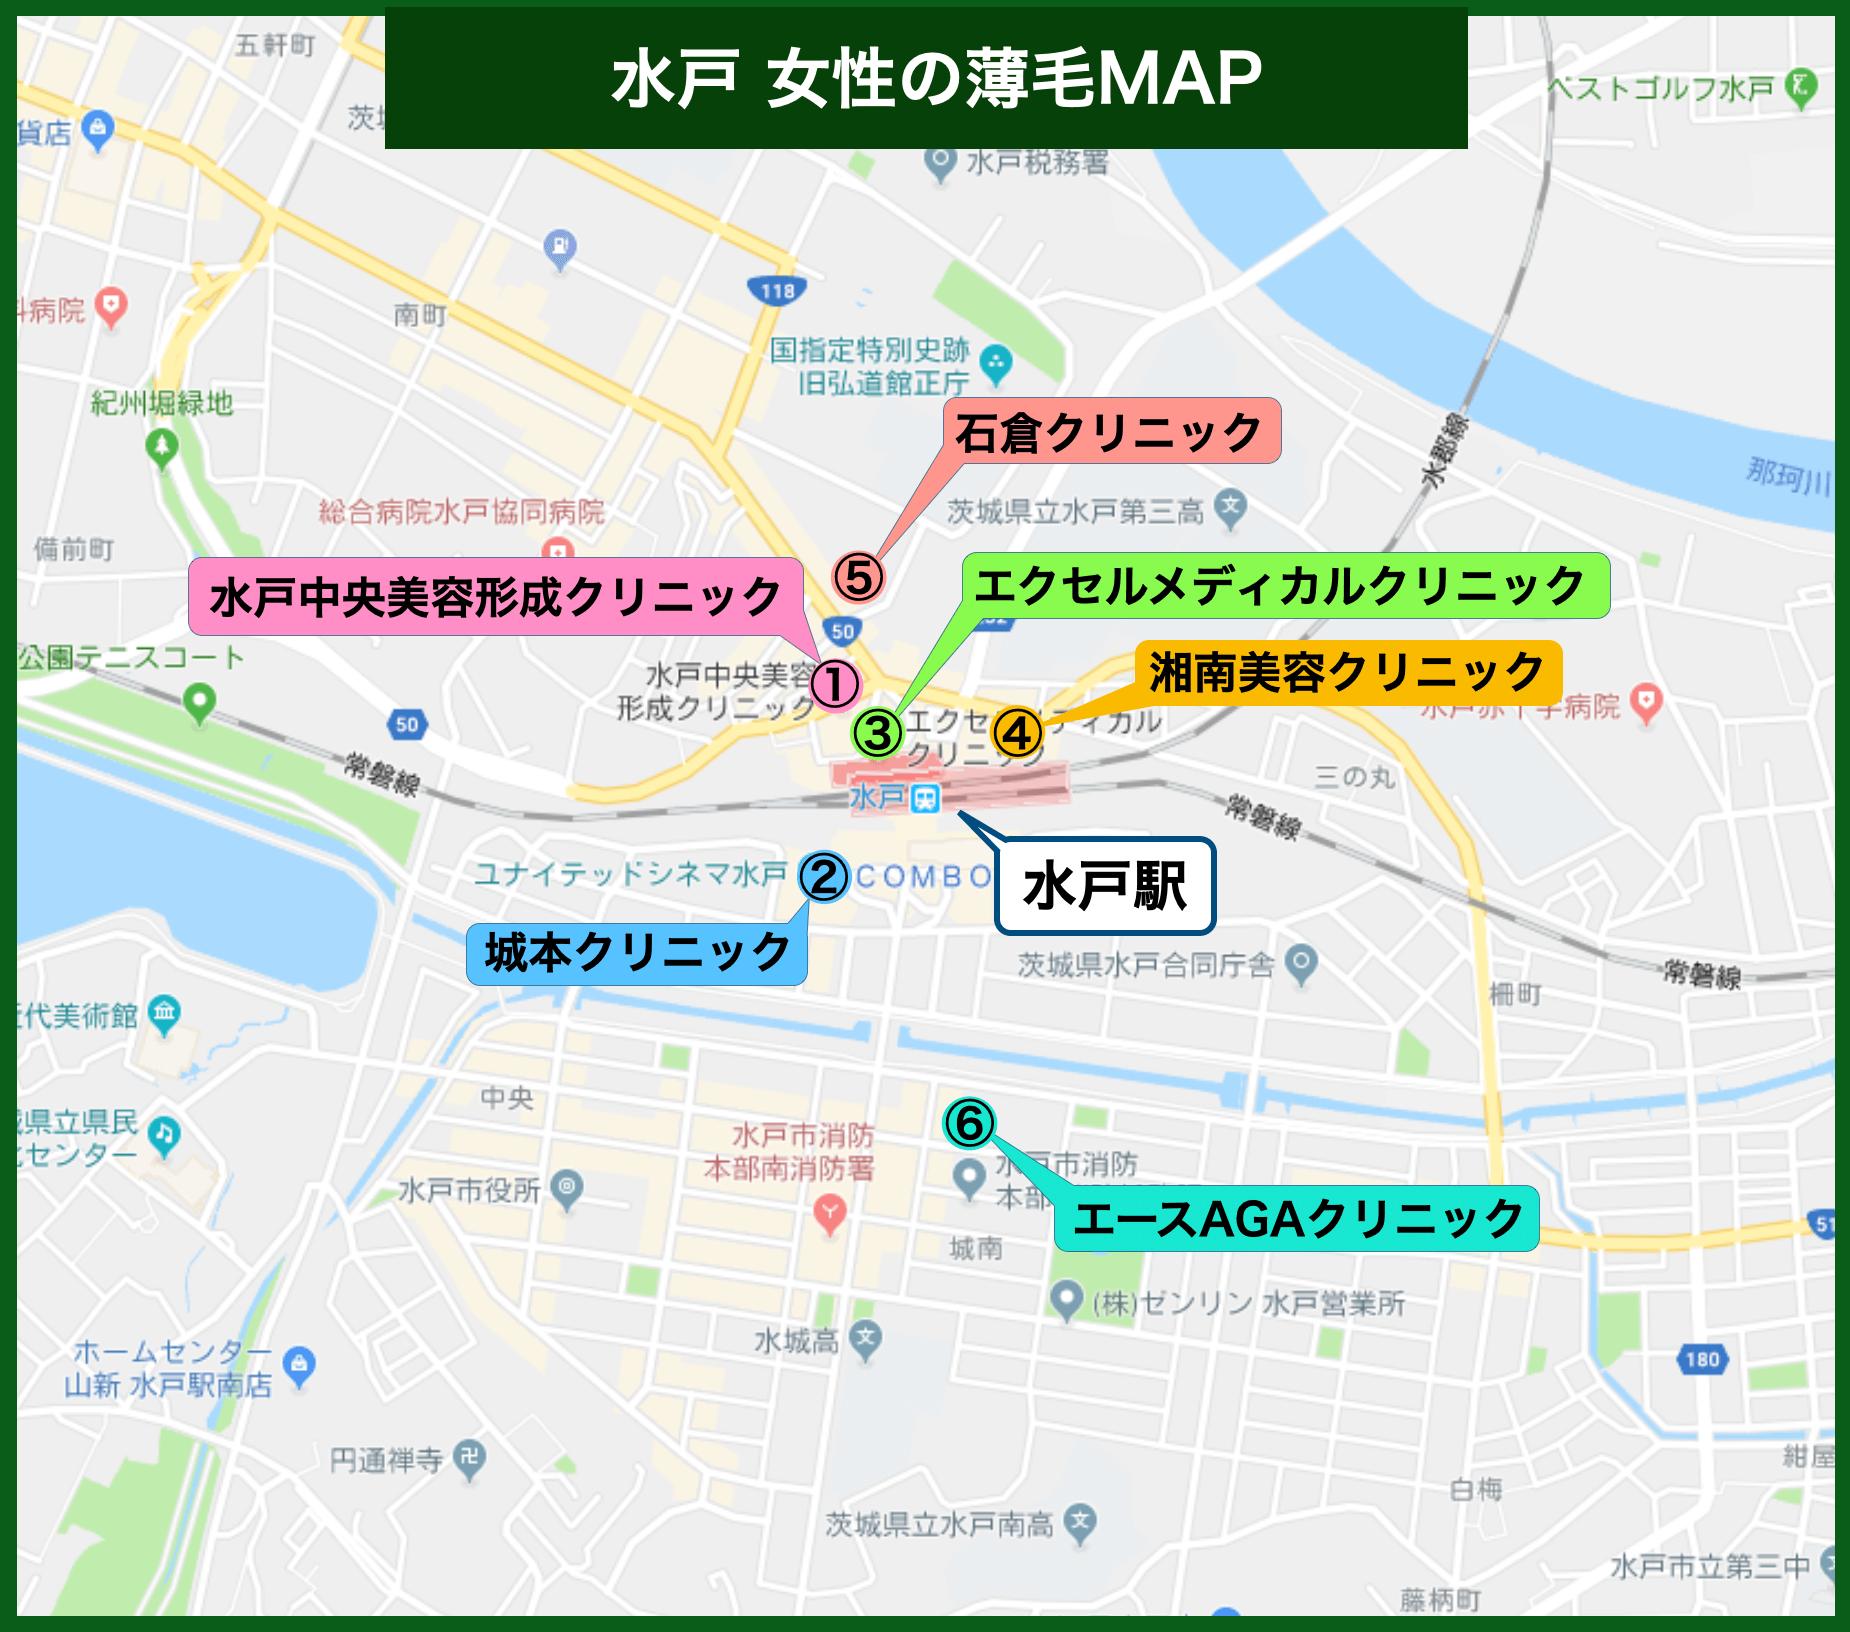 水戸 女性の薄毛MAP